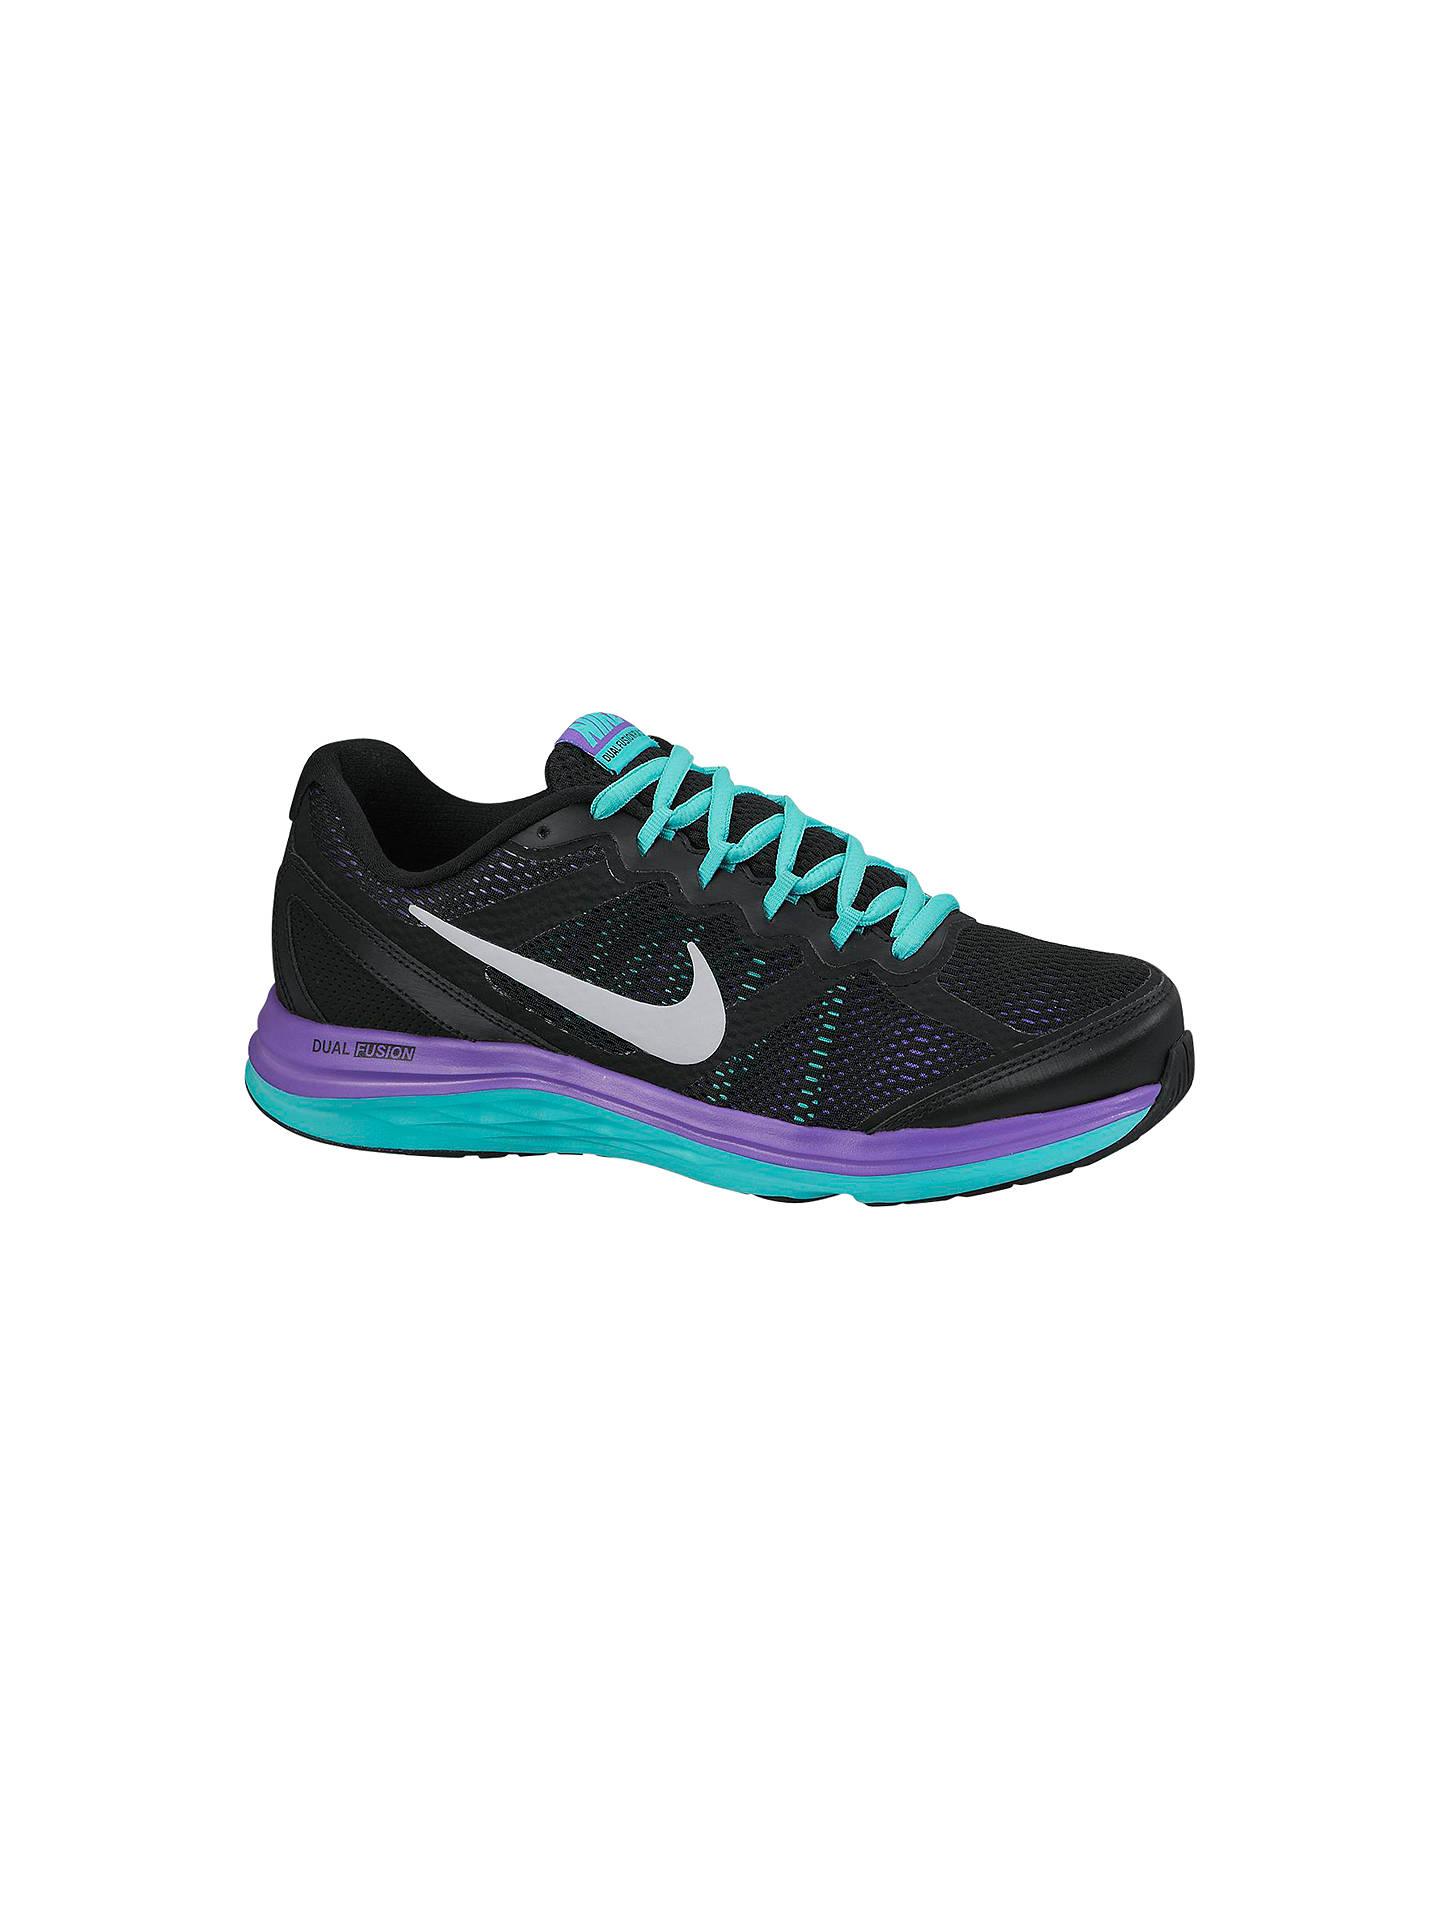 Nike Dual Fusion Run 4 Women's Running